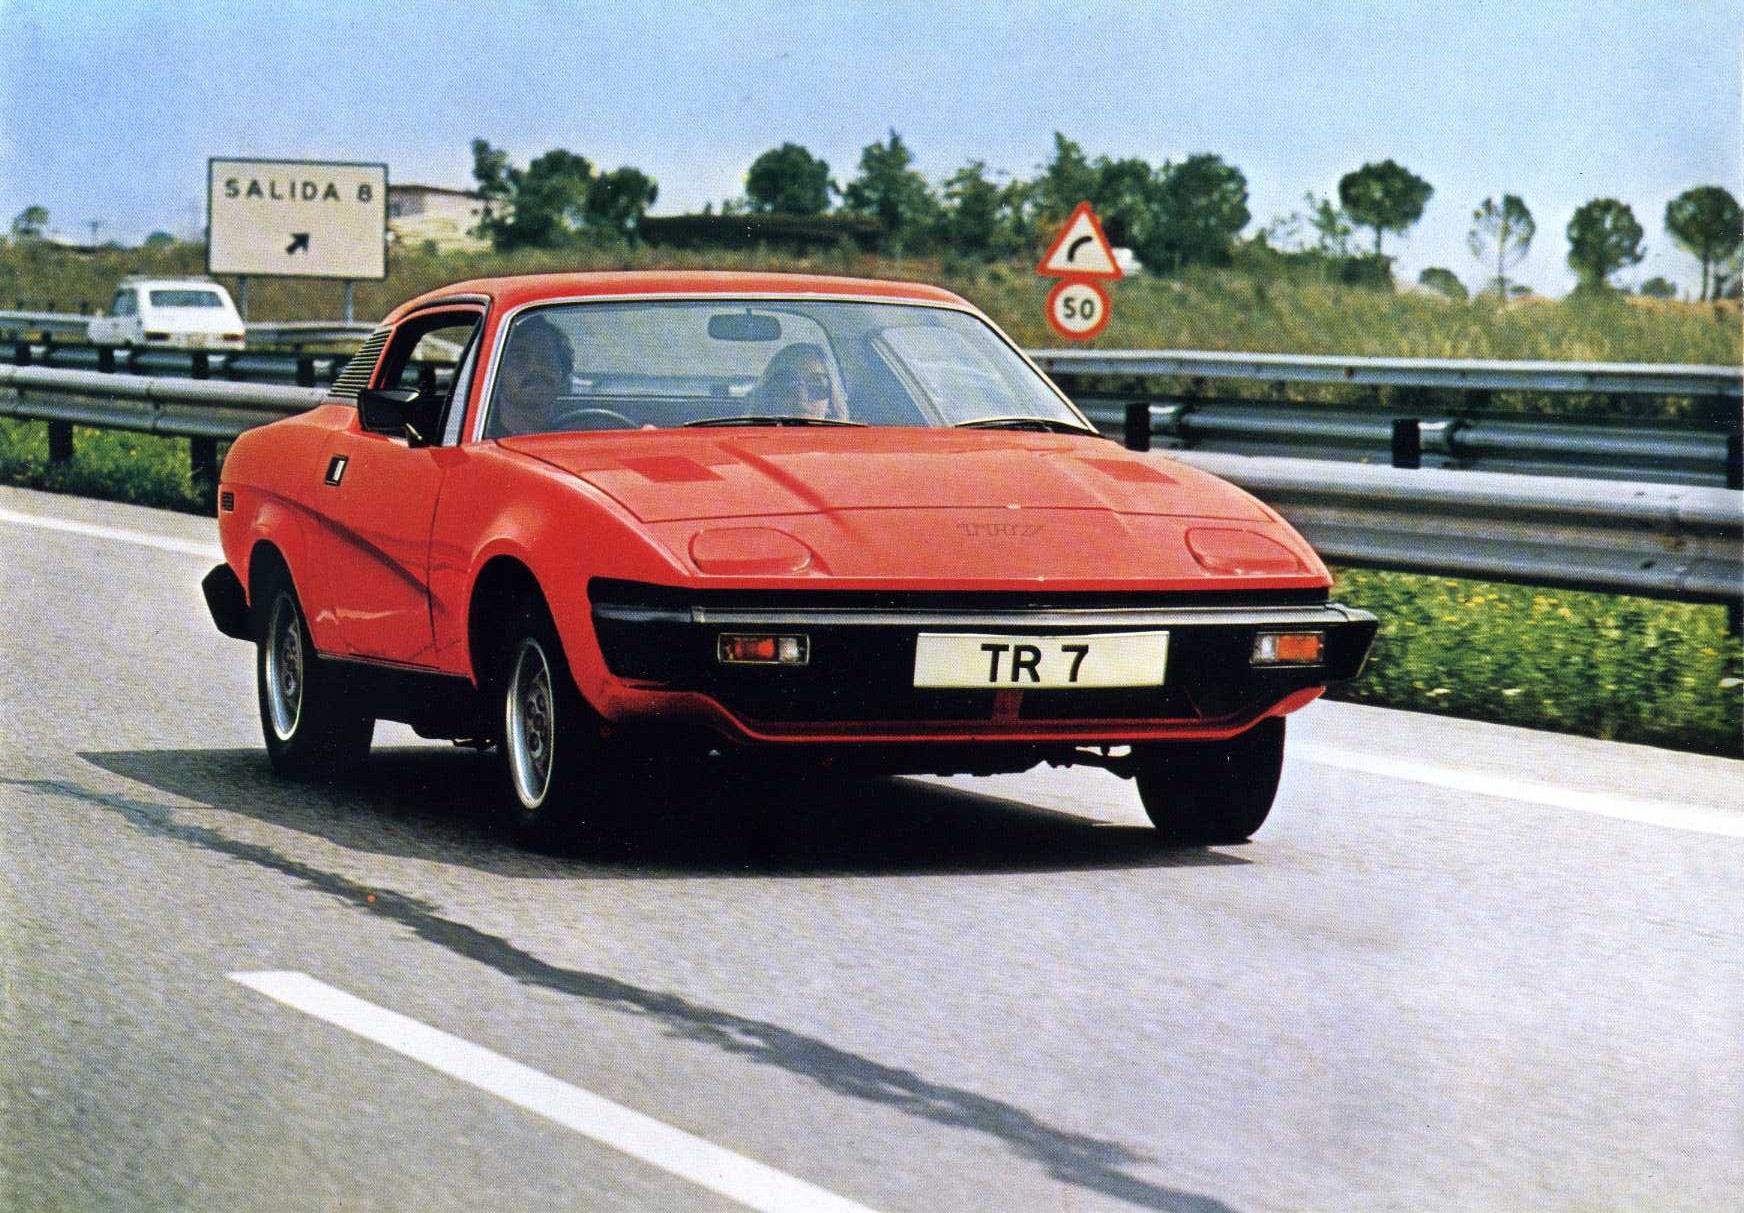 TriumphTR7 08